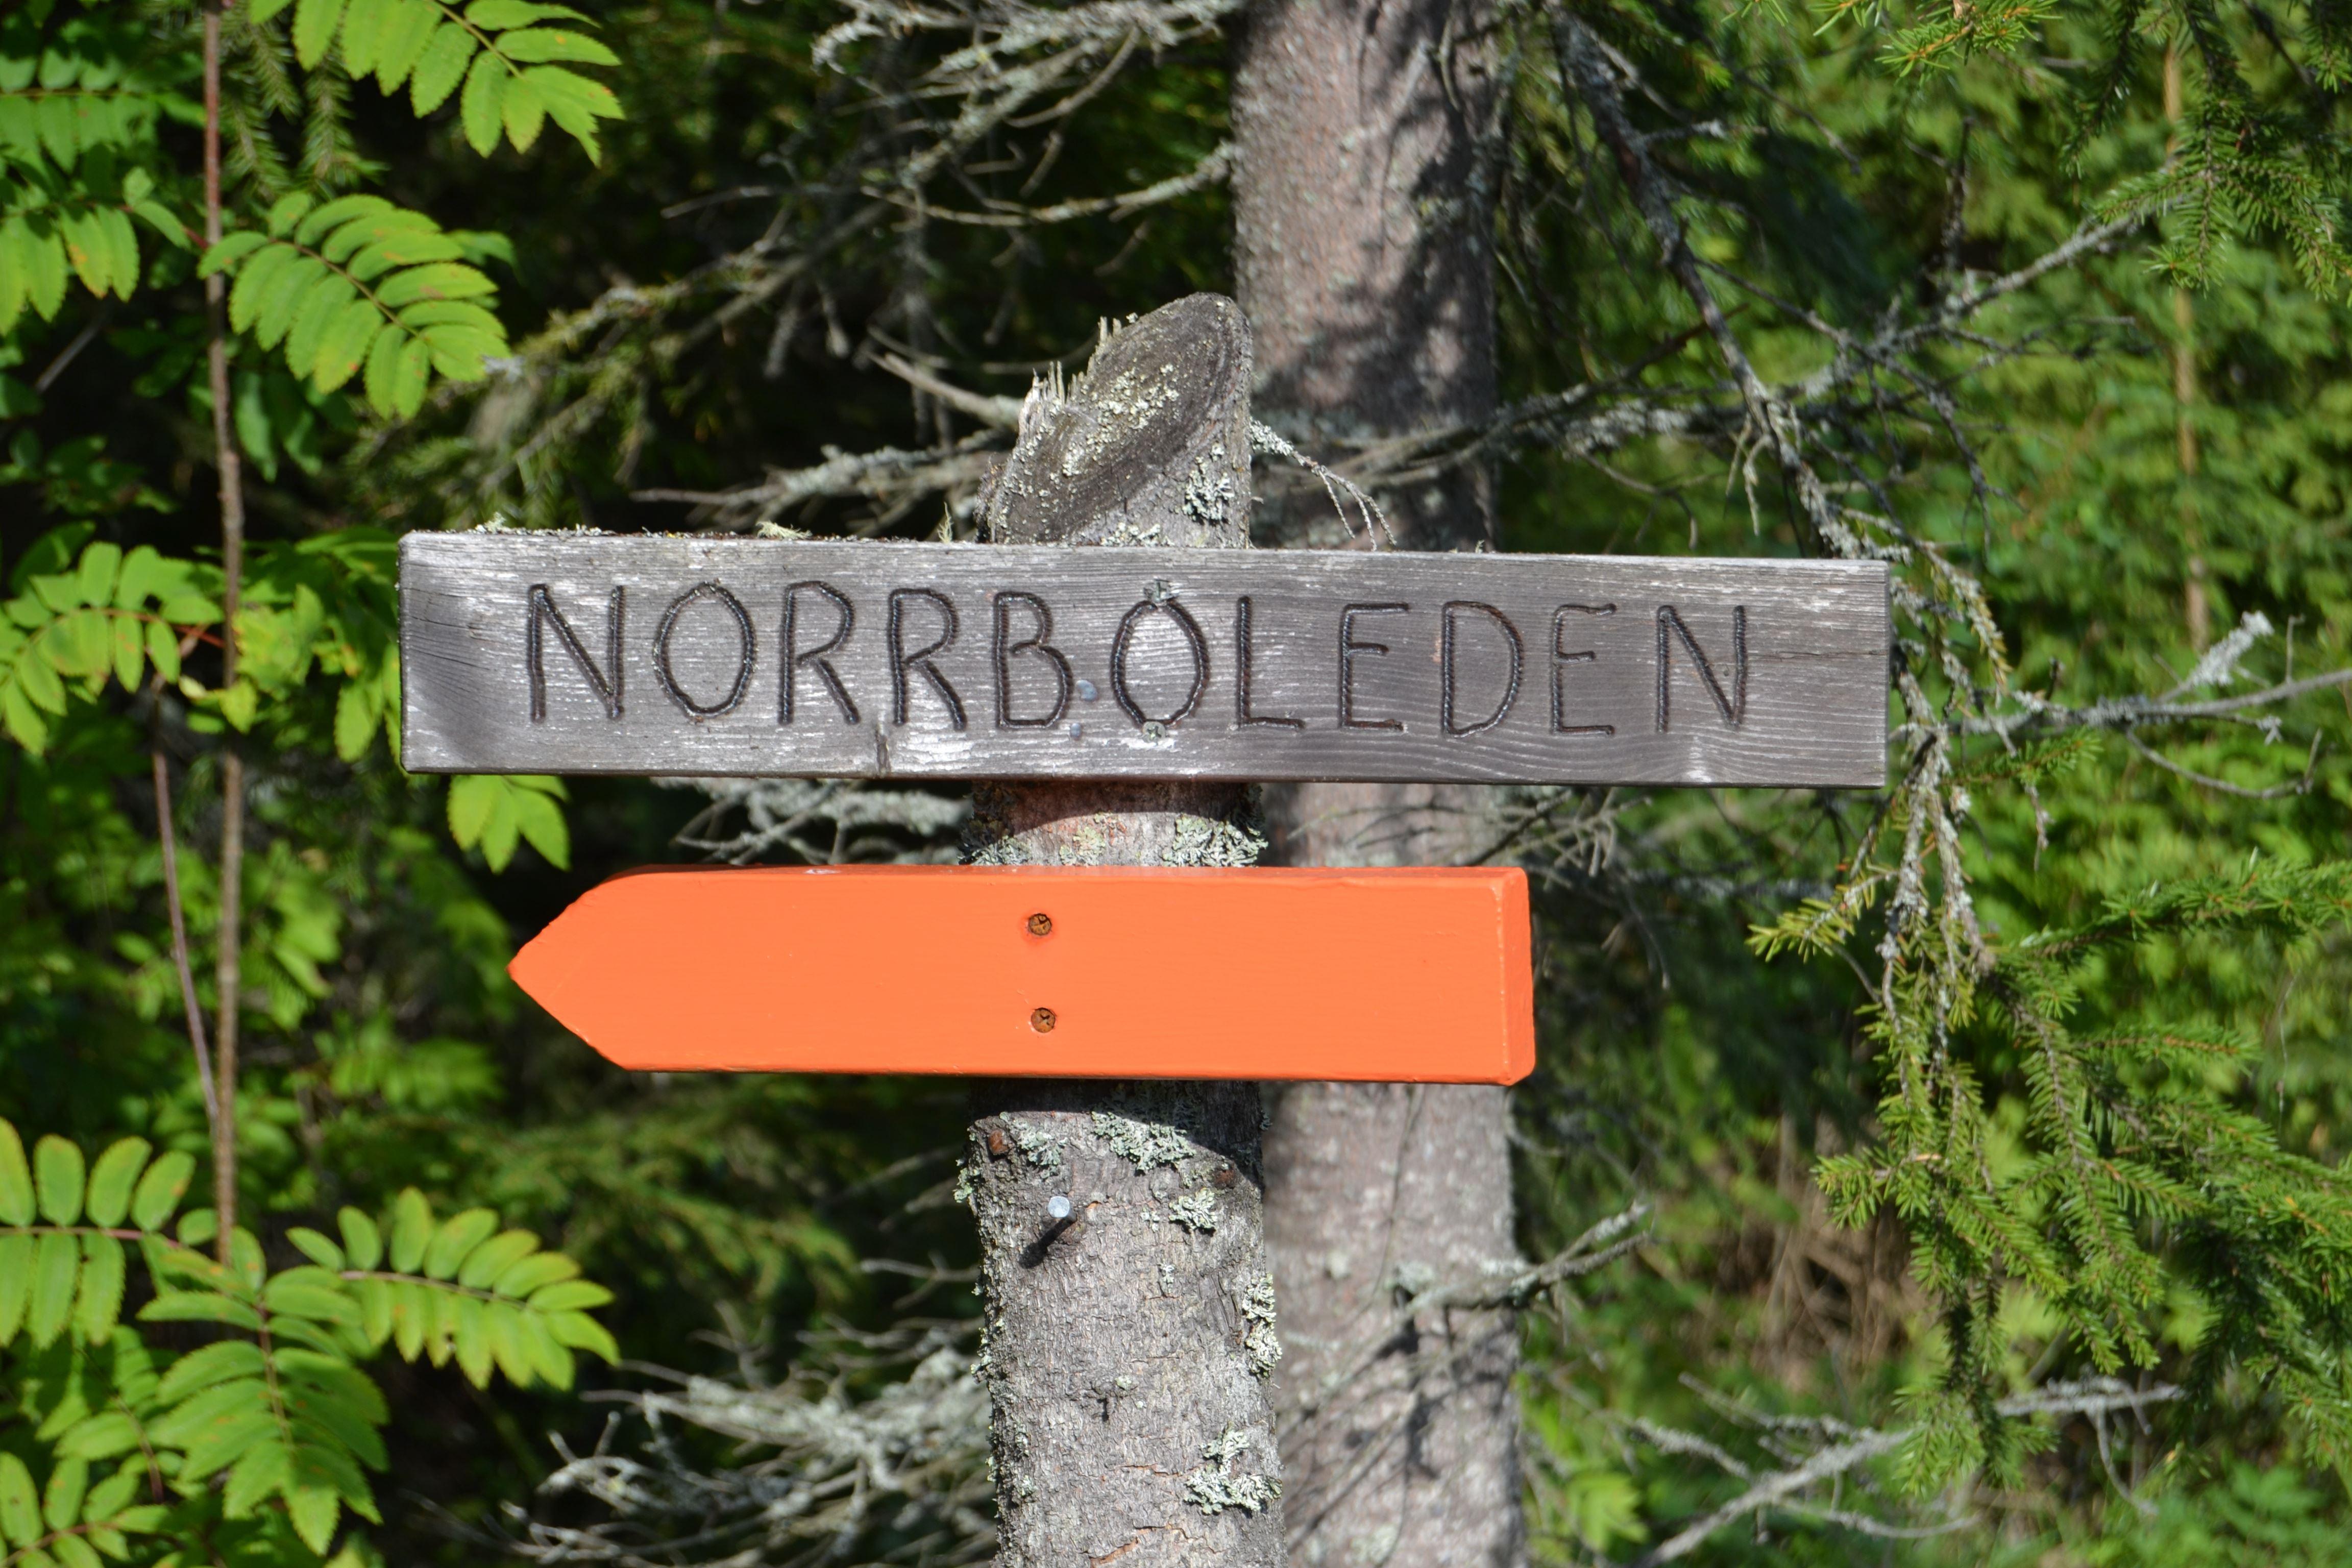 Norrboleden